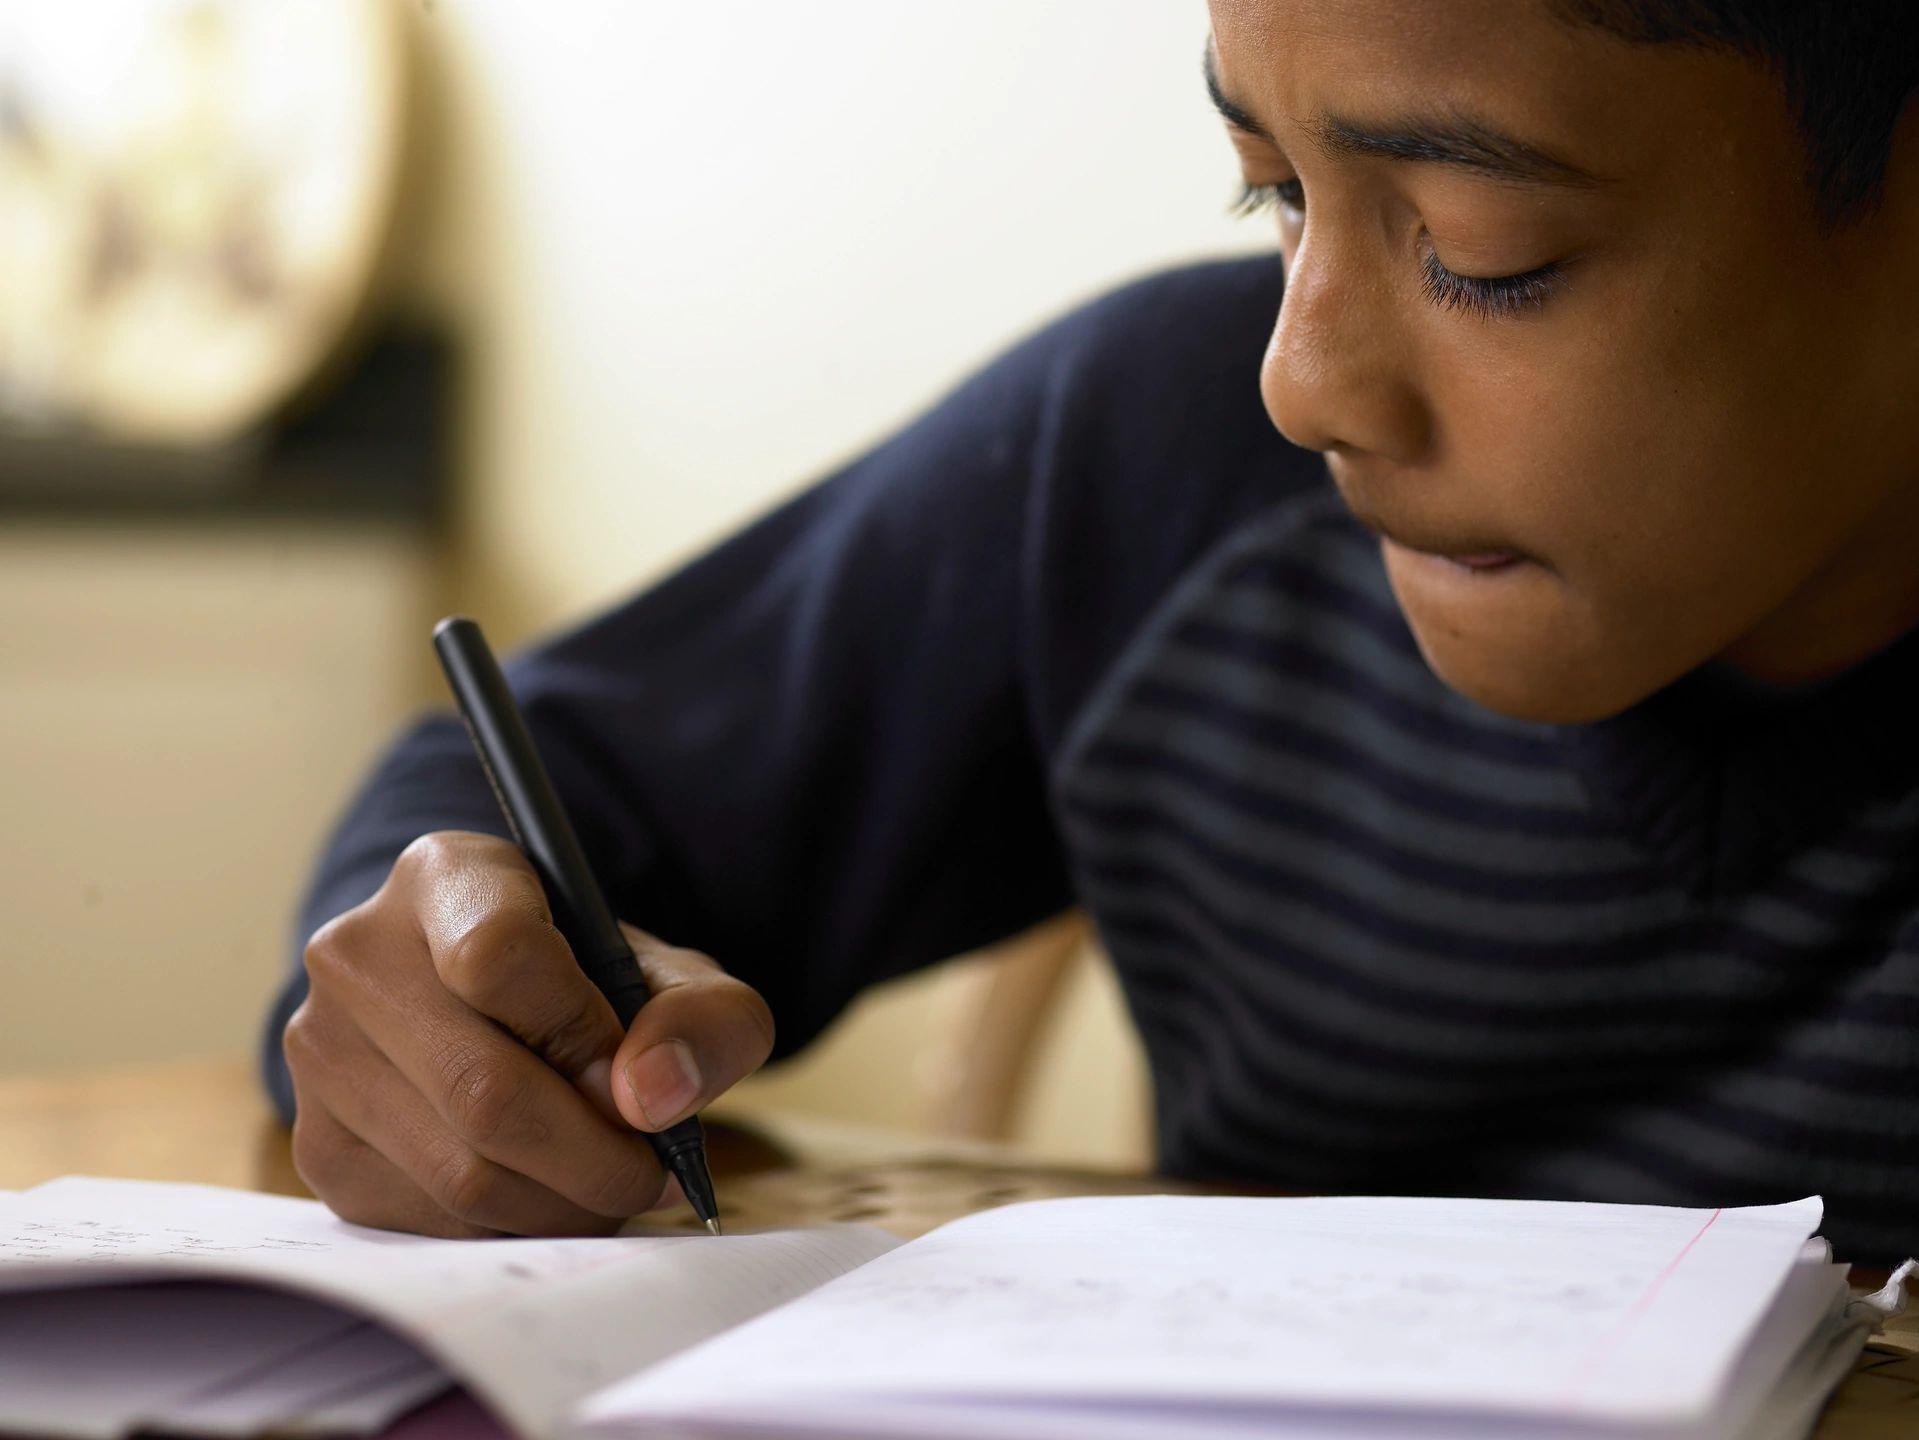 新時代理想的教育是怎樣的?